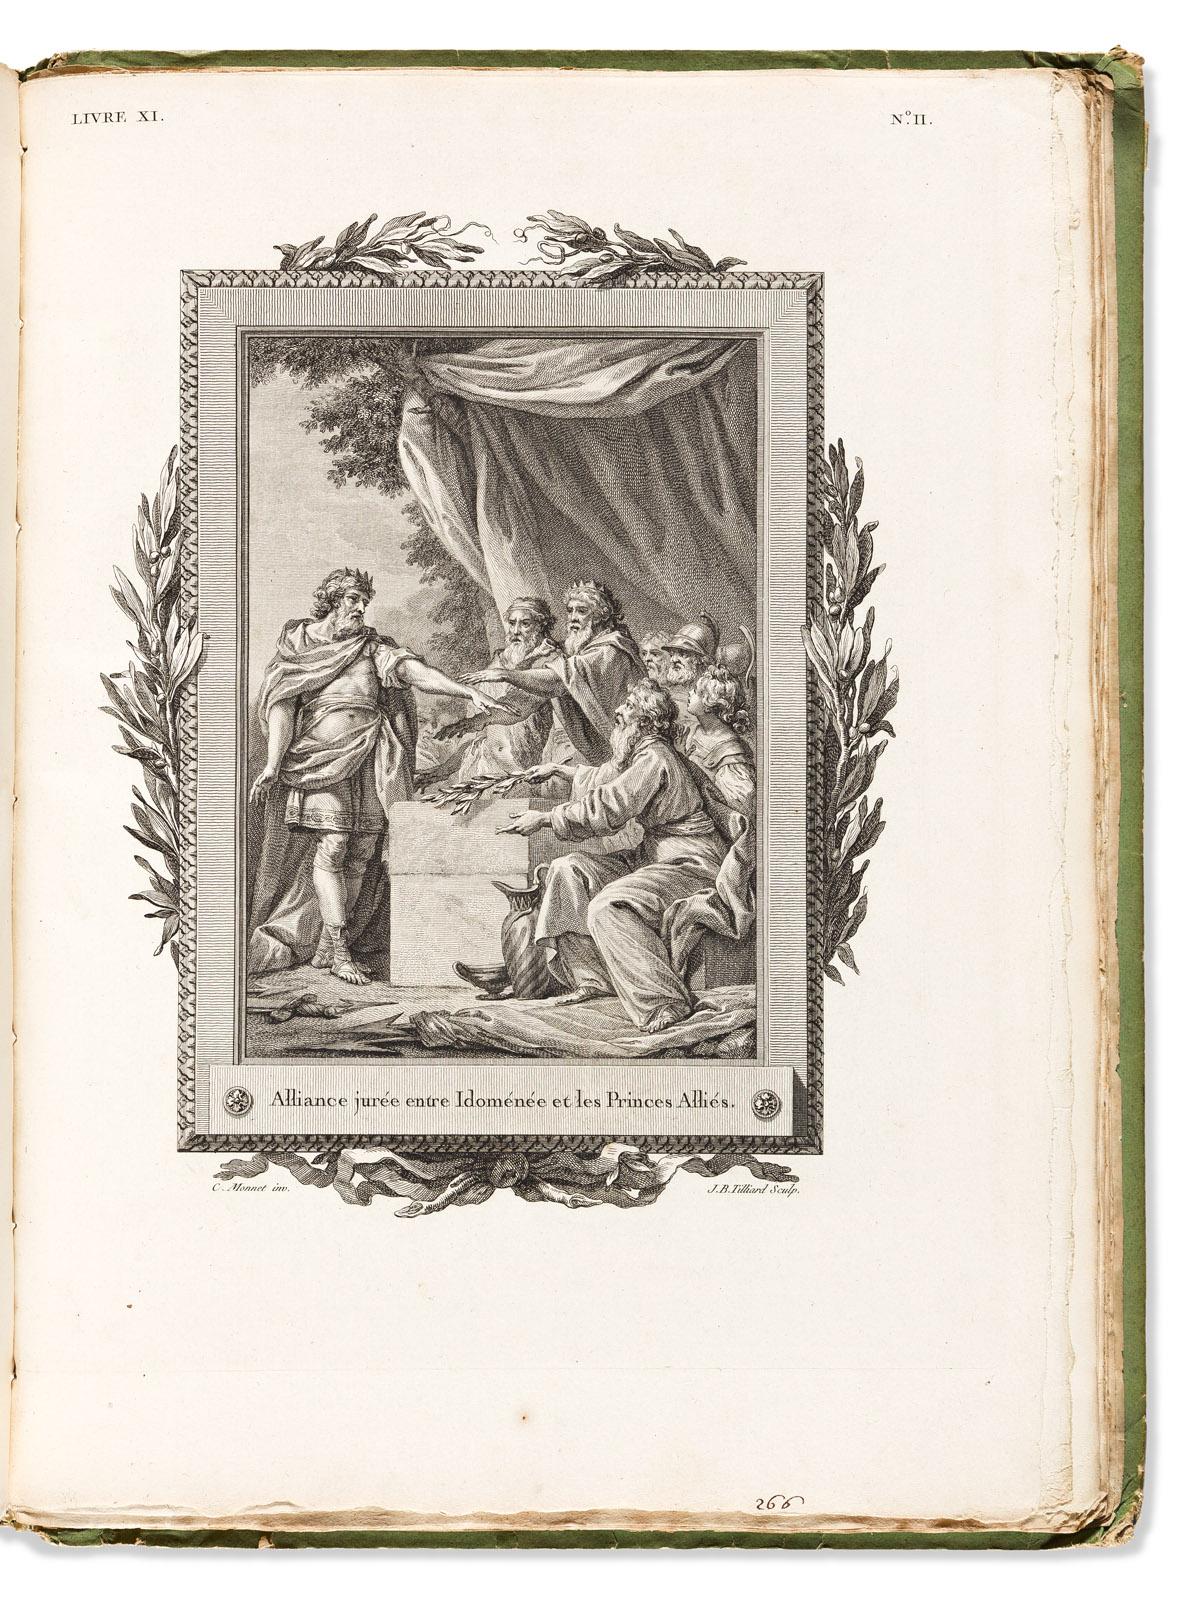 Fénelon, François (1651-1715) Les Aventures de Télémaque.